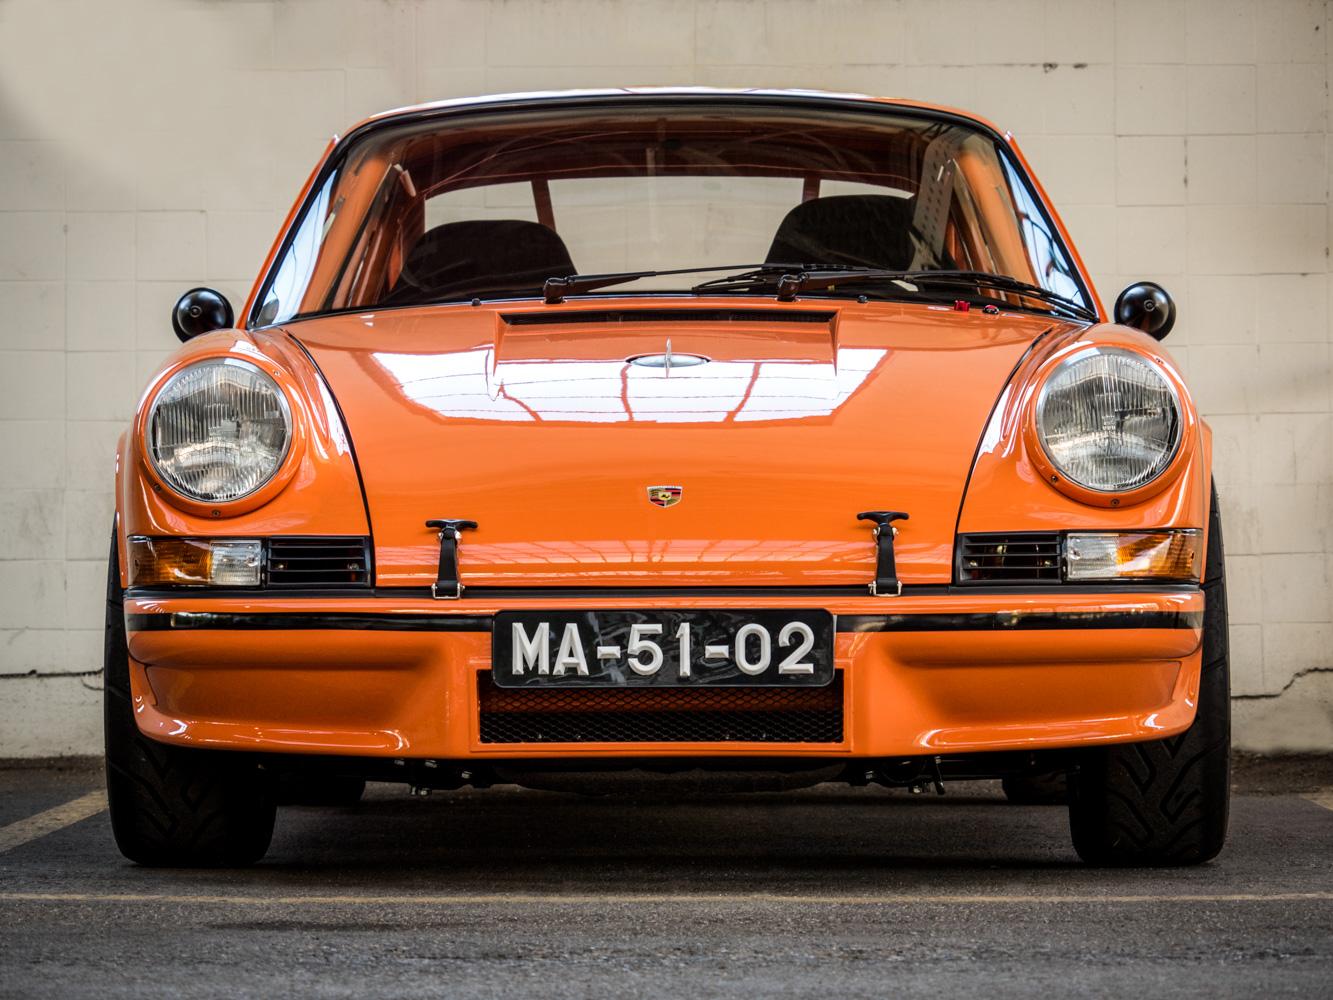 1969 Porsche 911 Carrera - 35.jpg.jpg